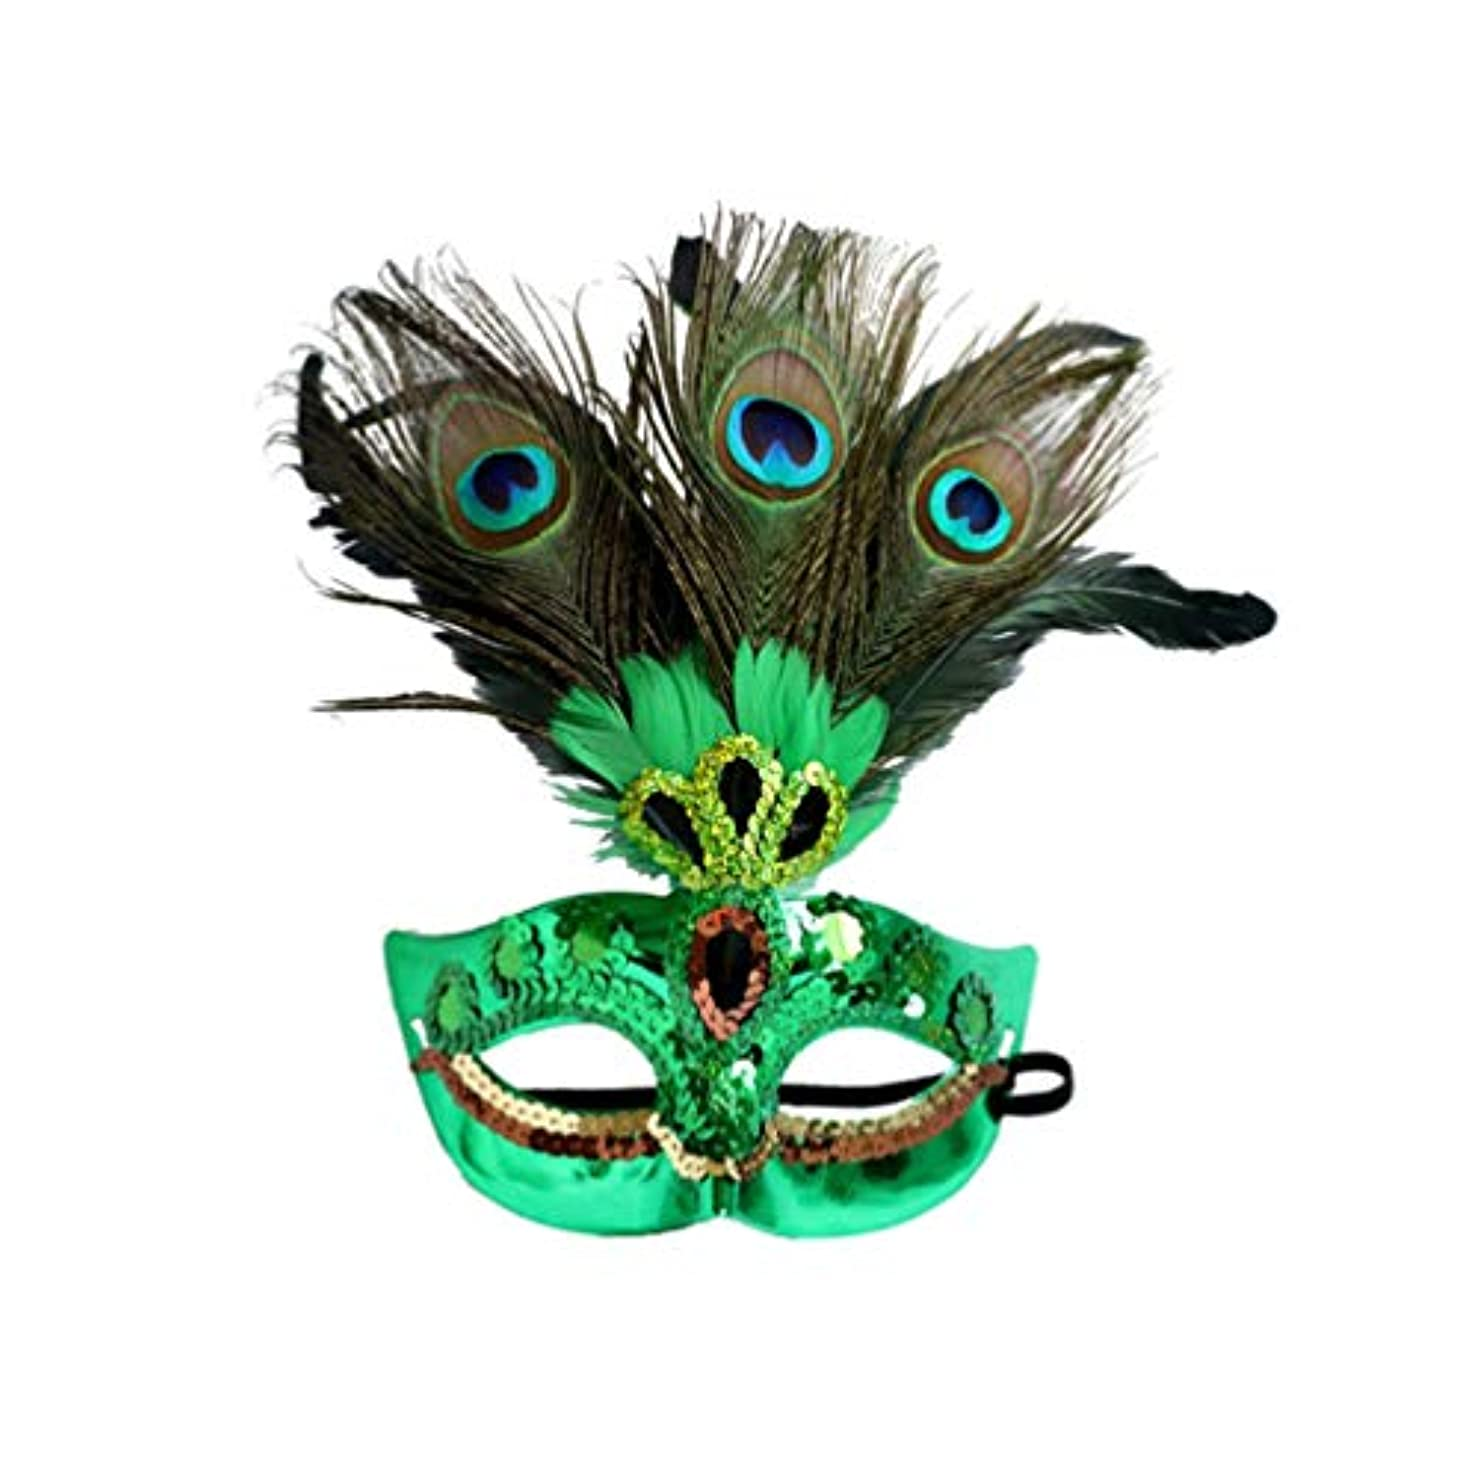 アイロニースパンぐったりAmosfun 1ピースクリエイティブ耐久性のあるportativeクリスマスマスク羽プラスチッククジャク用マスカレード大人コスプレクリスマスパーティー